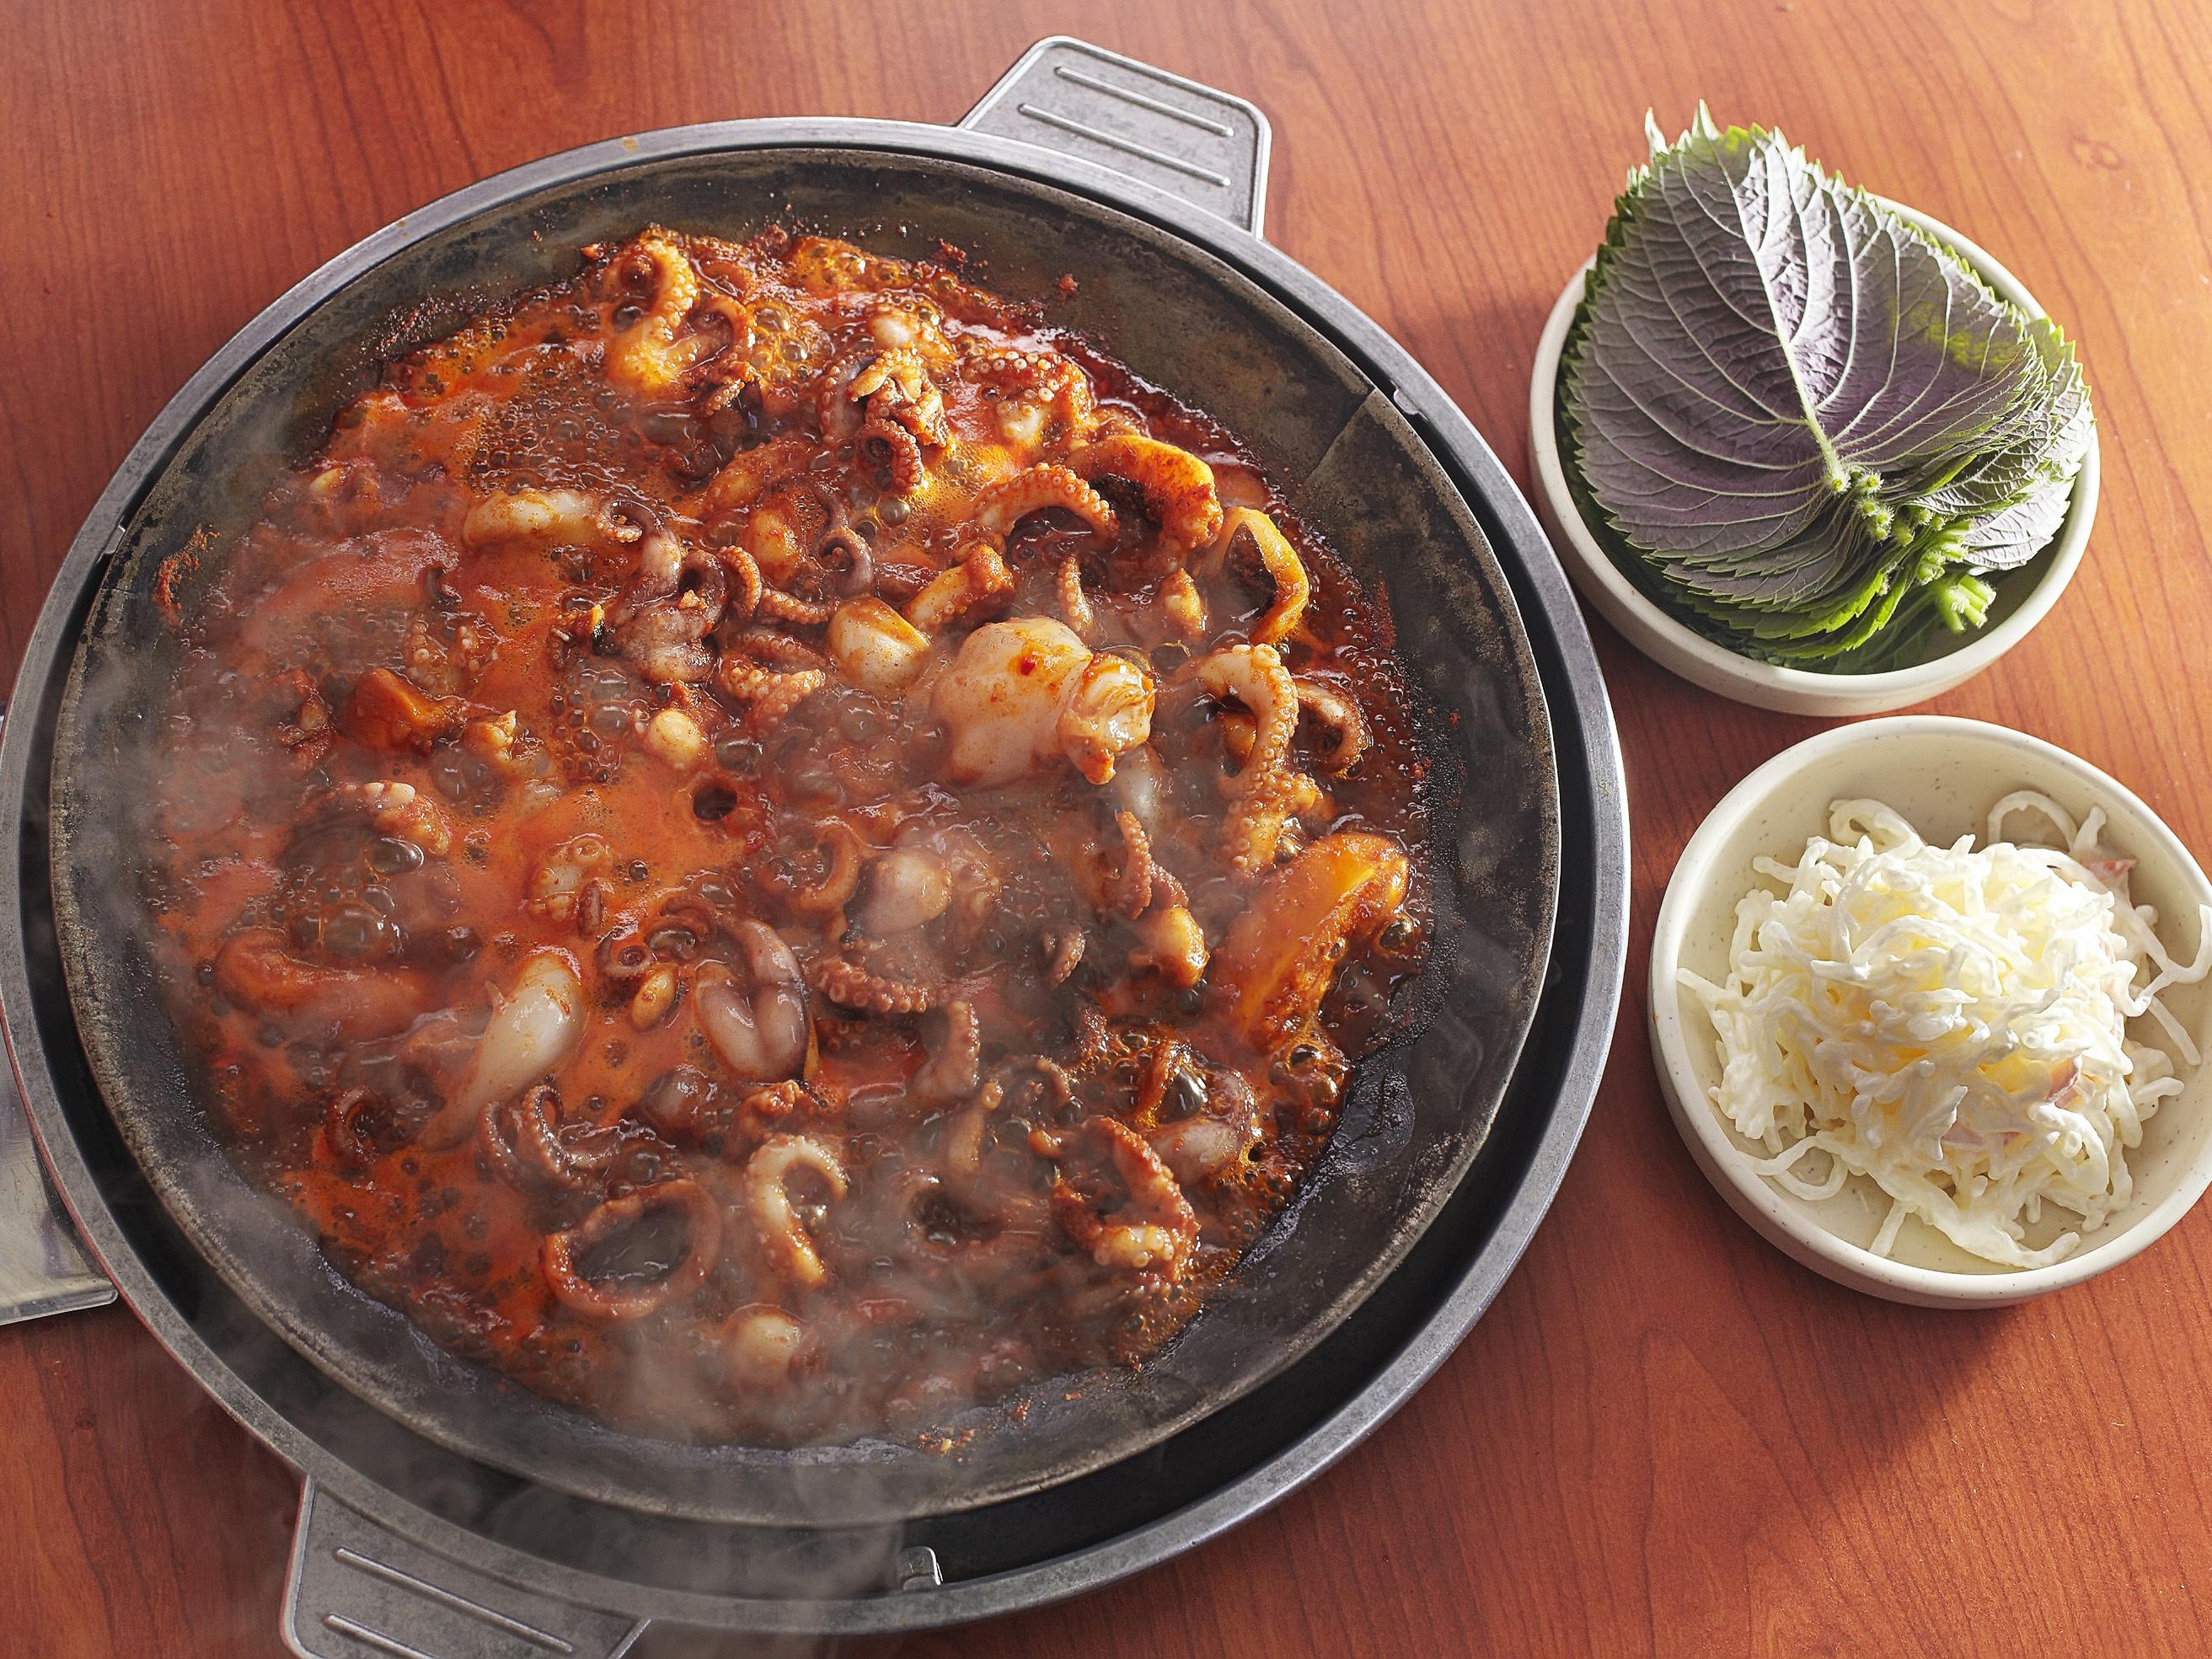 Stir-fried jjukkumi | Ho-nam Sik-dang Na Jeong-sun Hal-Mae Jjukkumi